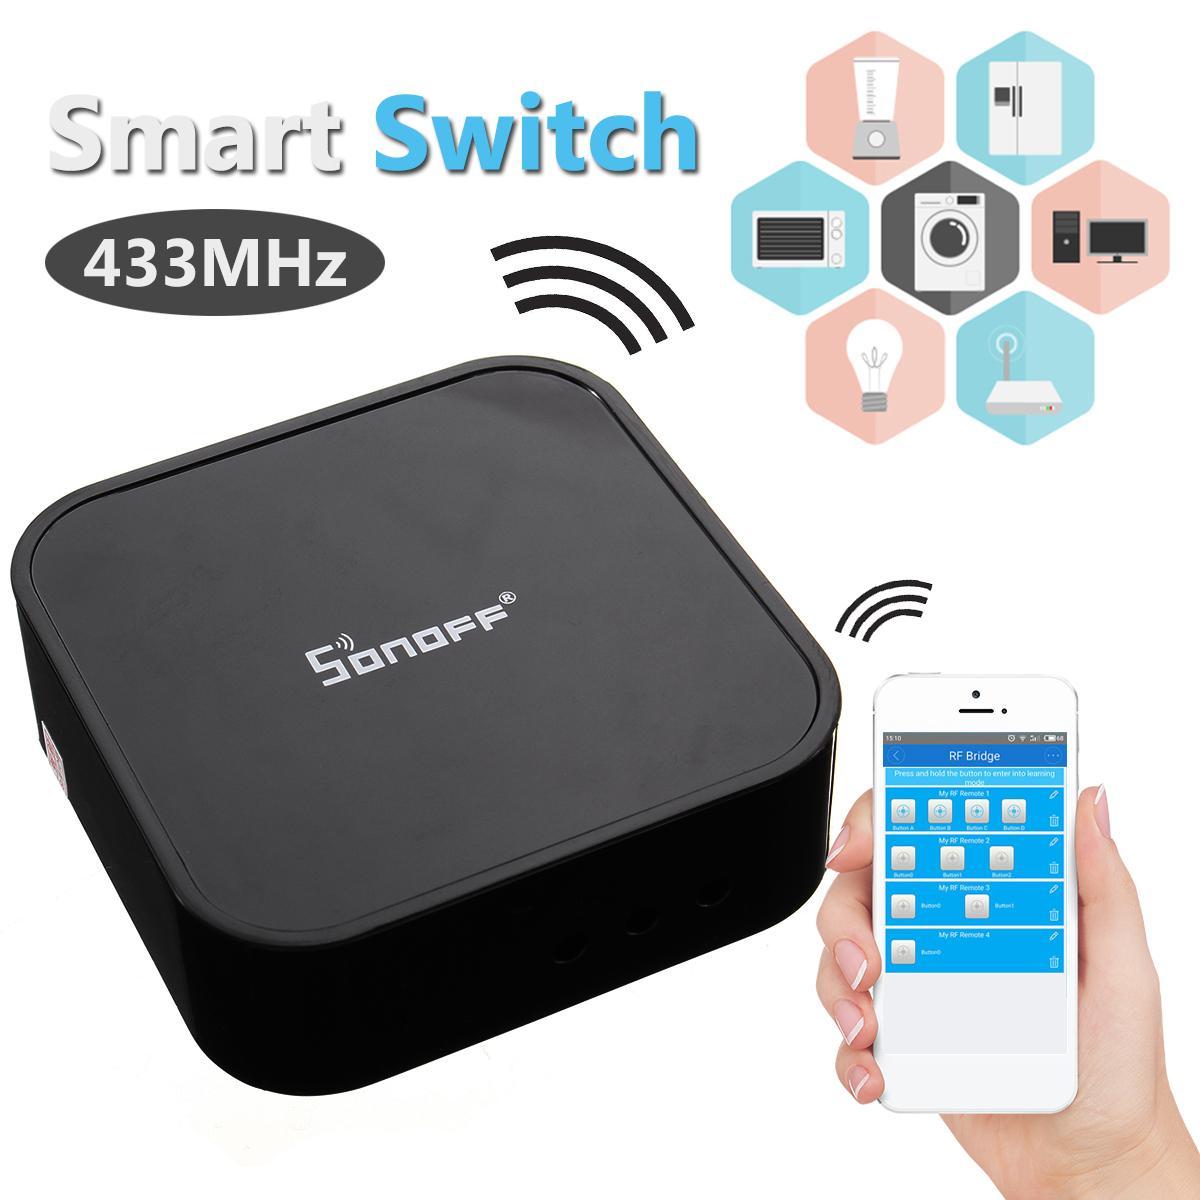 Sonoff Wireless Smart Switch RF Bridge 433MHz Wifi Remote DIY For Echo Alexa